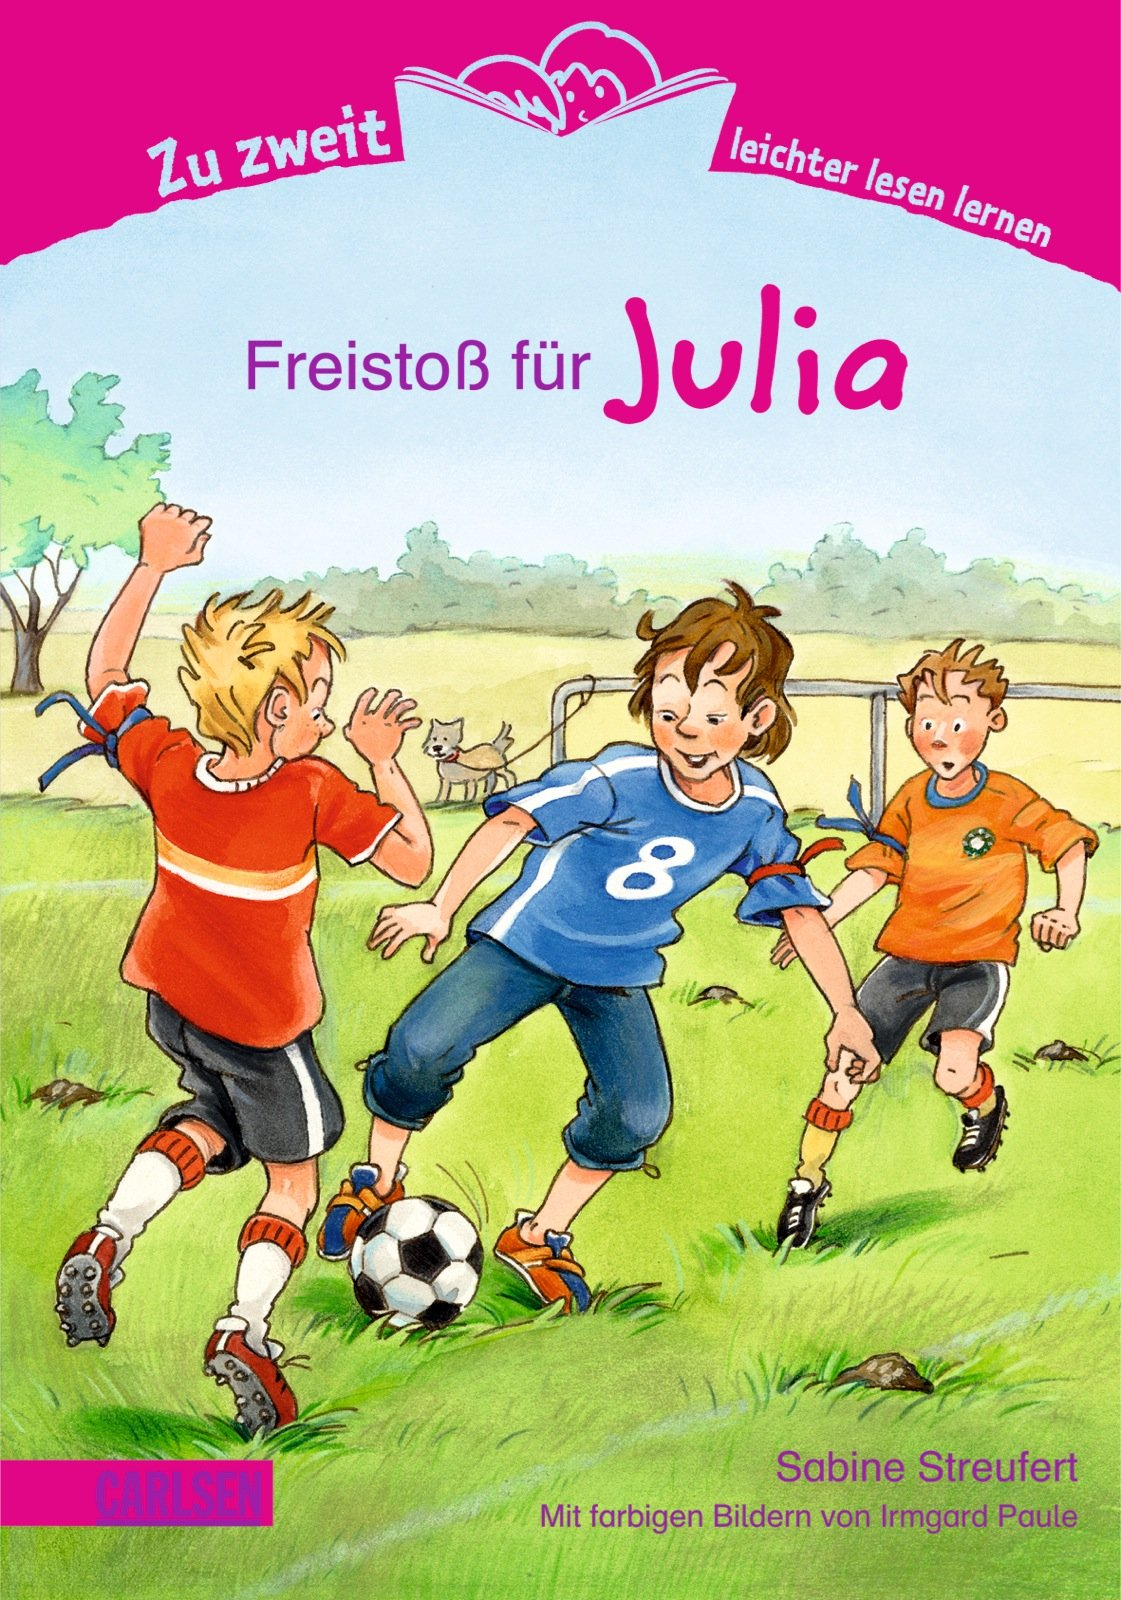 Zu zweit leichter lesen lernen, Band 6: Freistoß für Julia